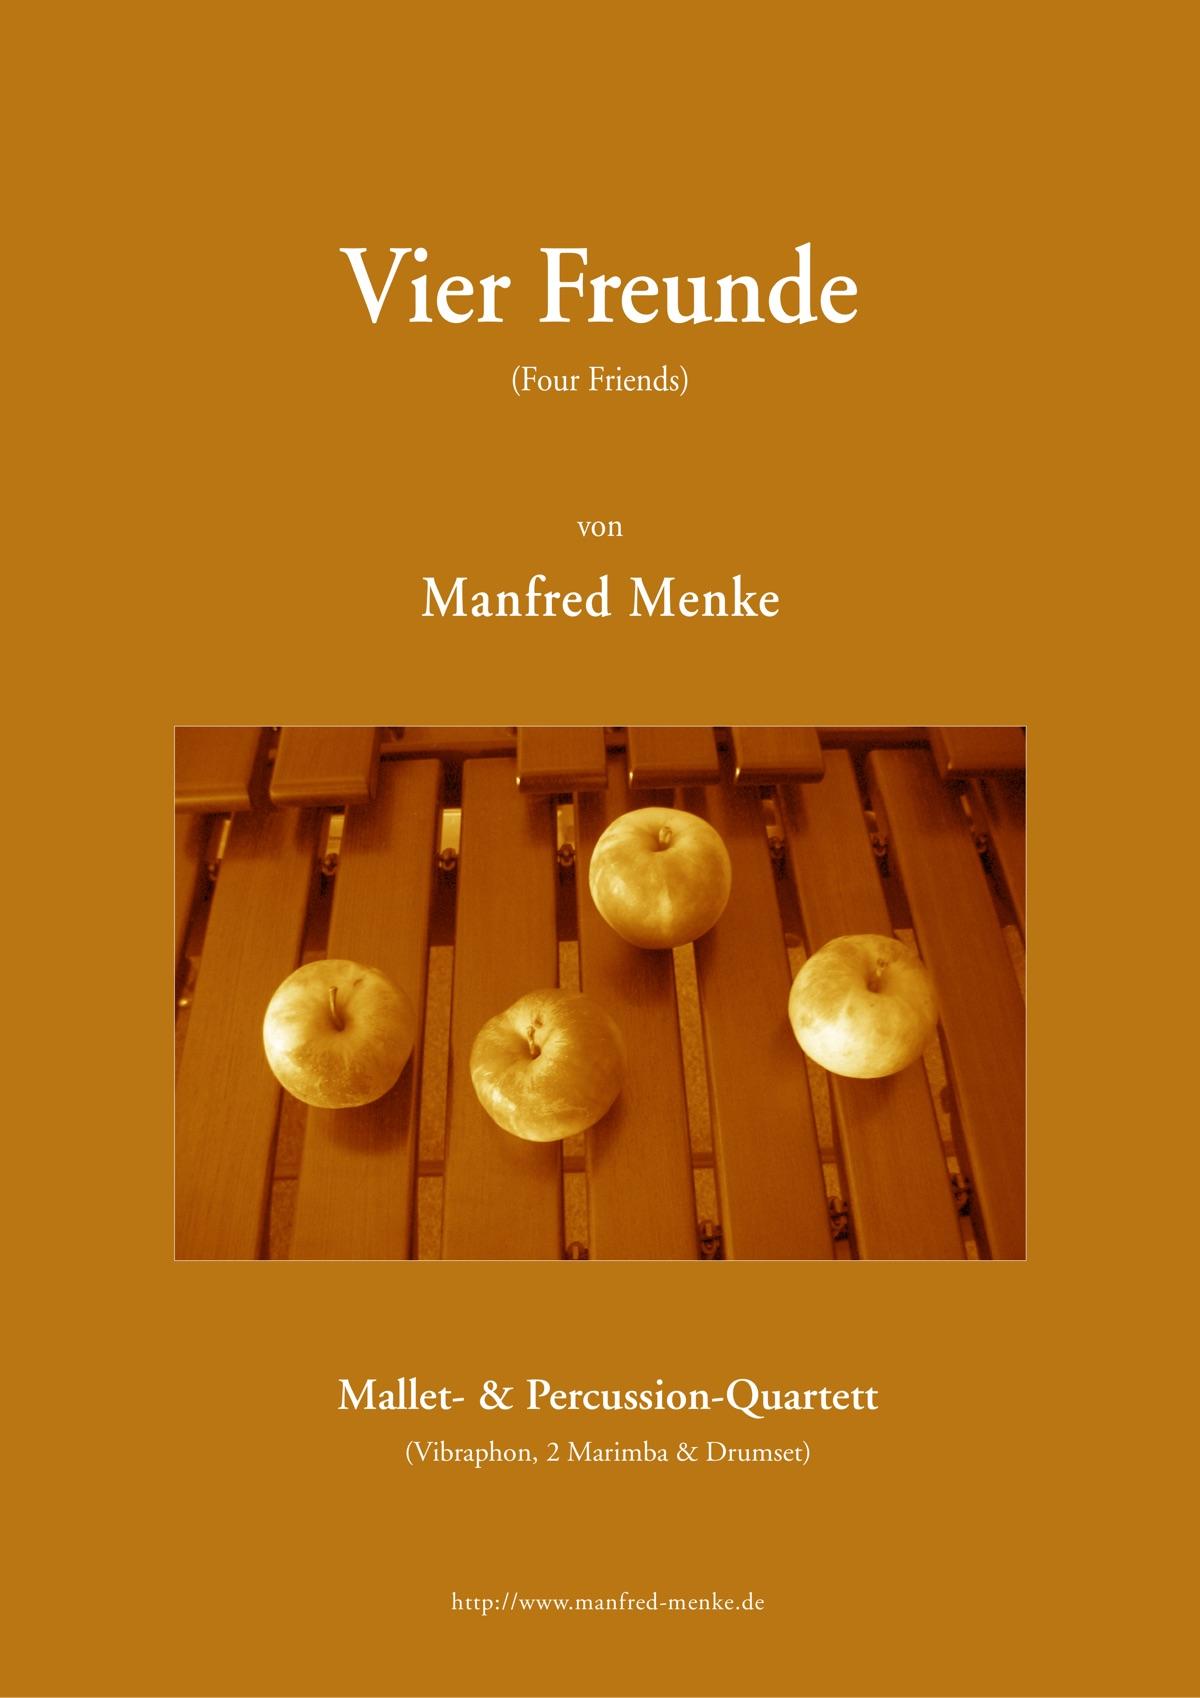 Vier Freunde (Quartett-Version)